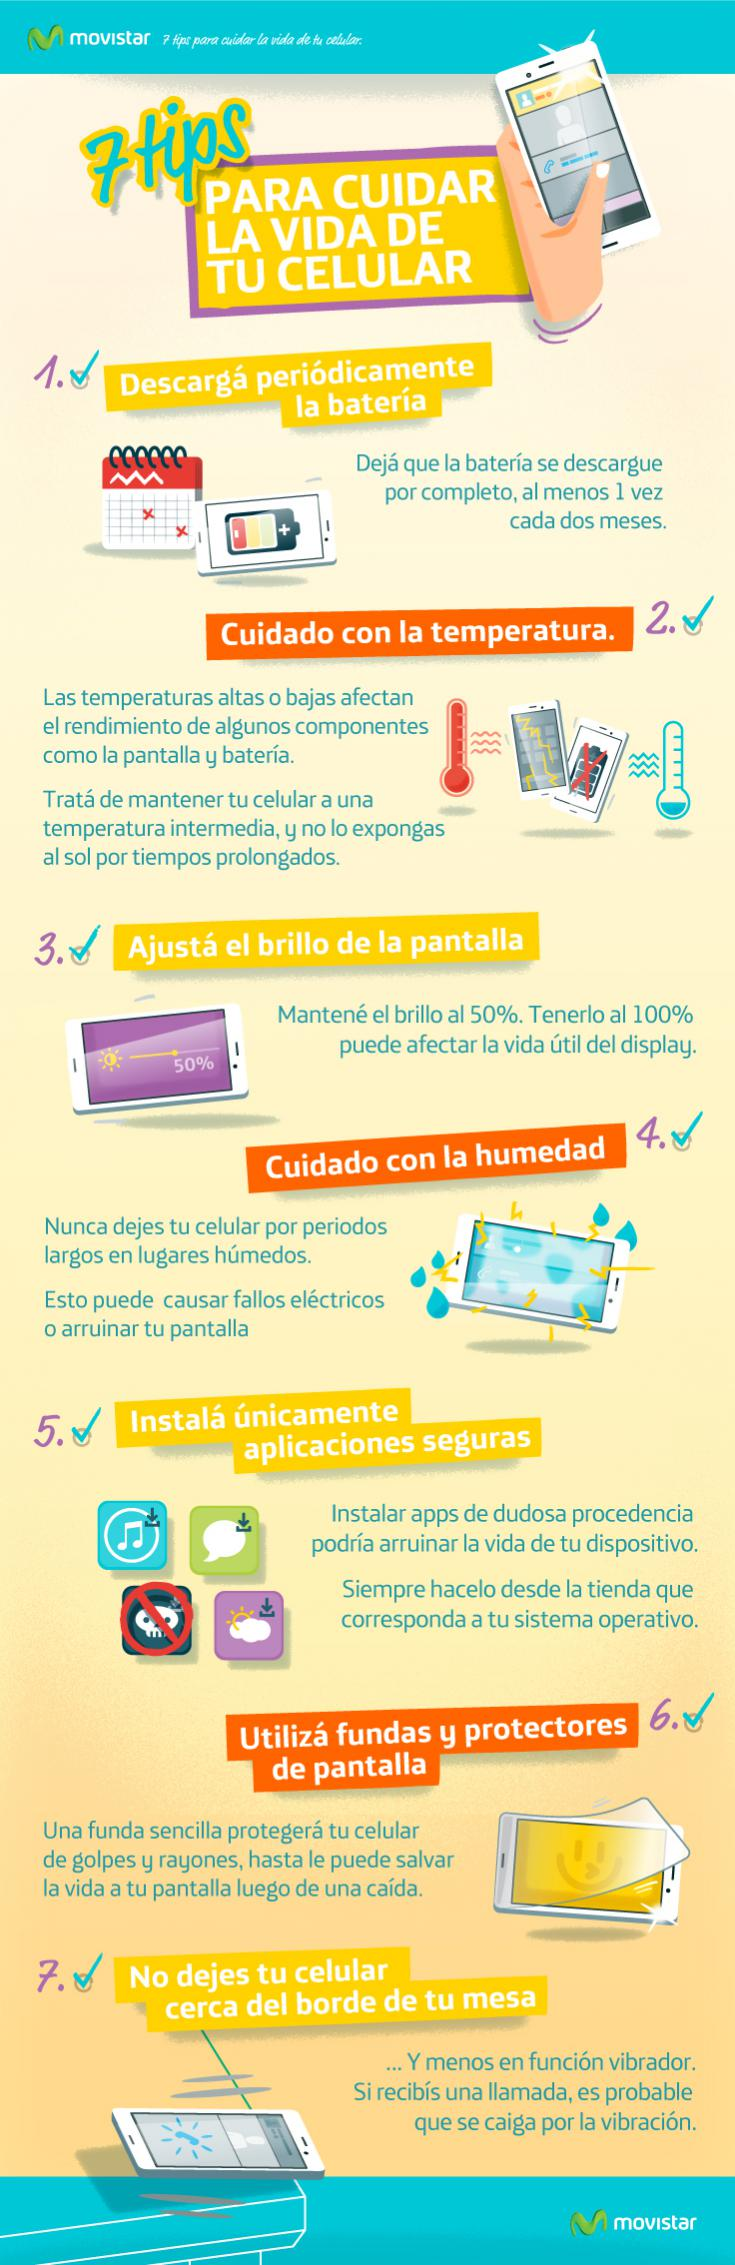 7 consejos para cuidar la vida de tu móvil